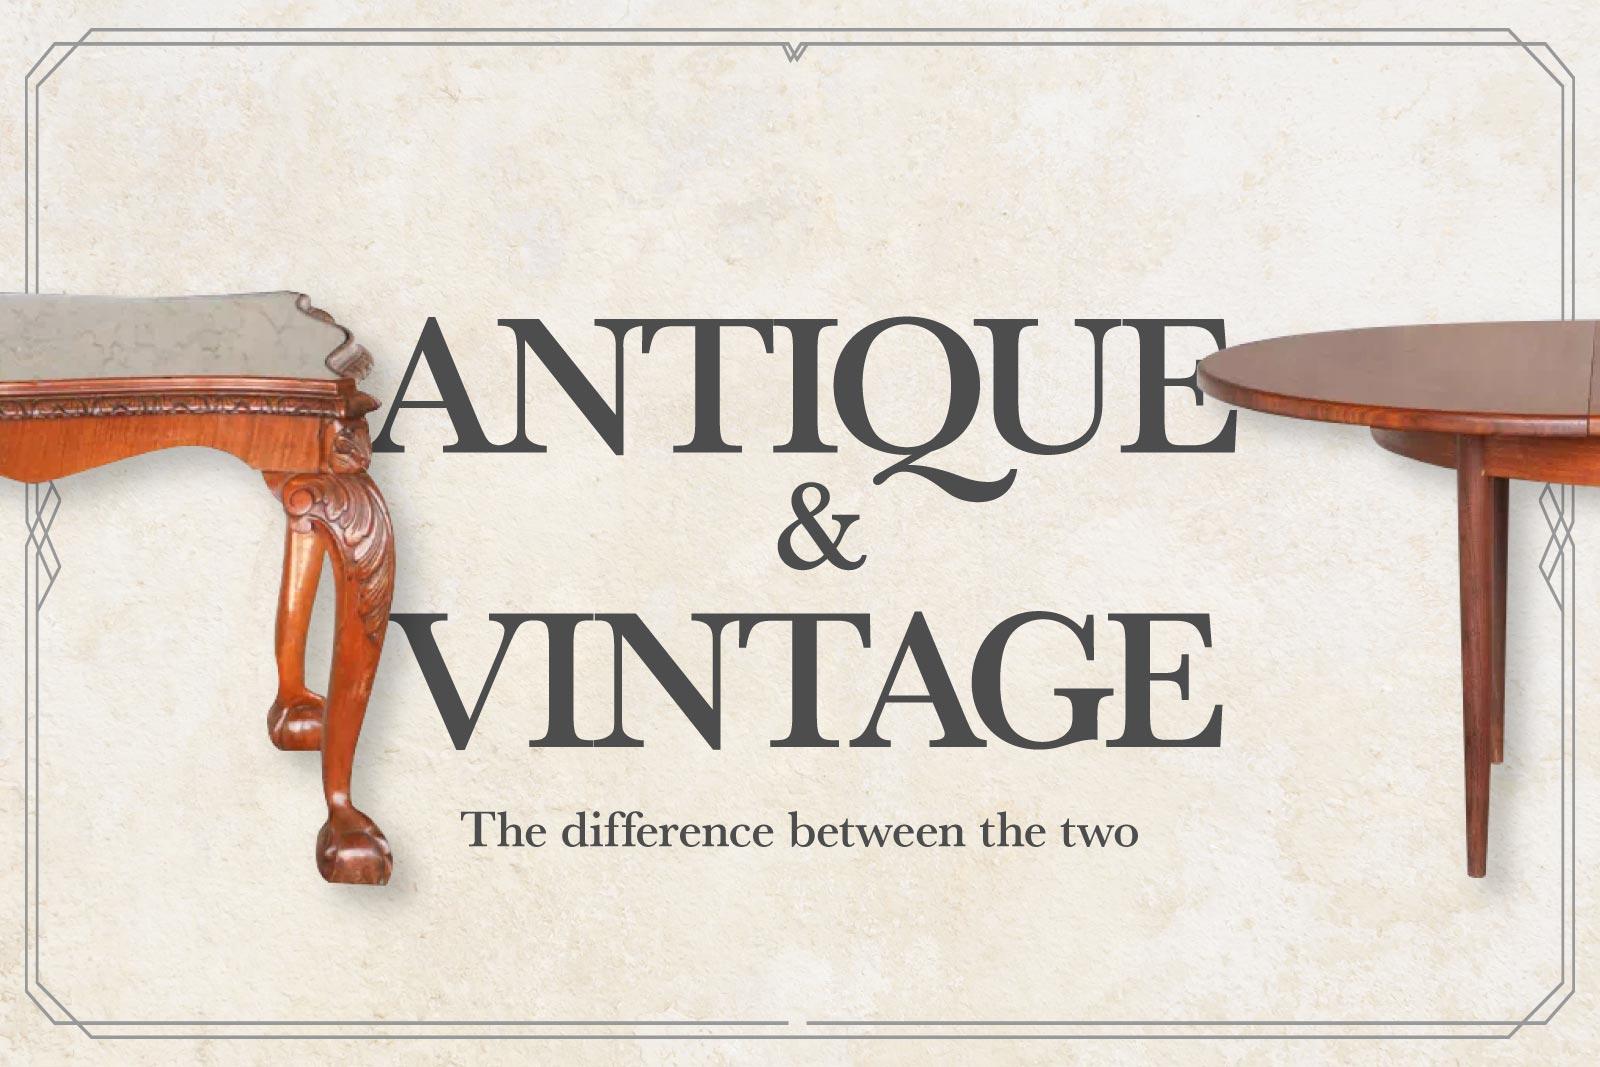 アンティークとヴィンテージ、リプロダクトの違いを知って家具探しに役立てよう